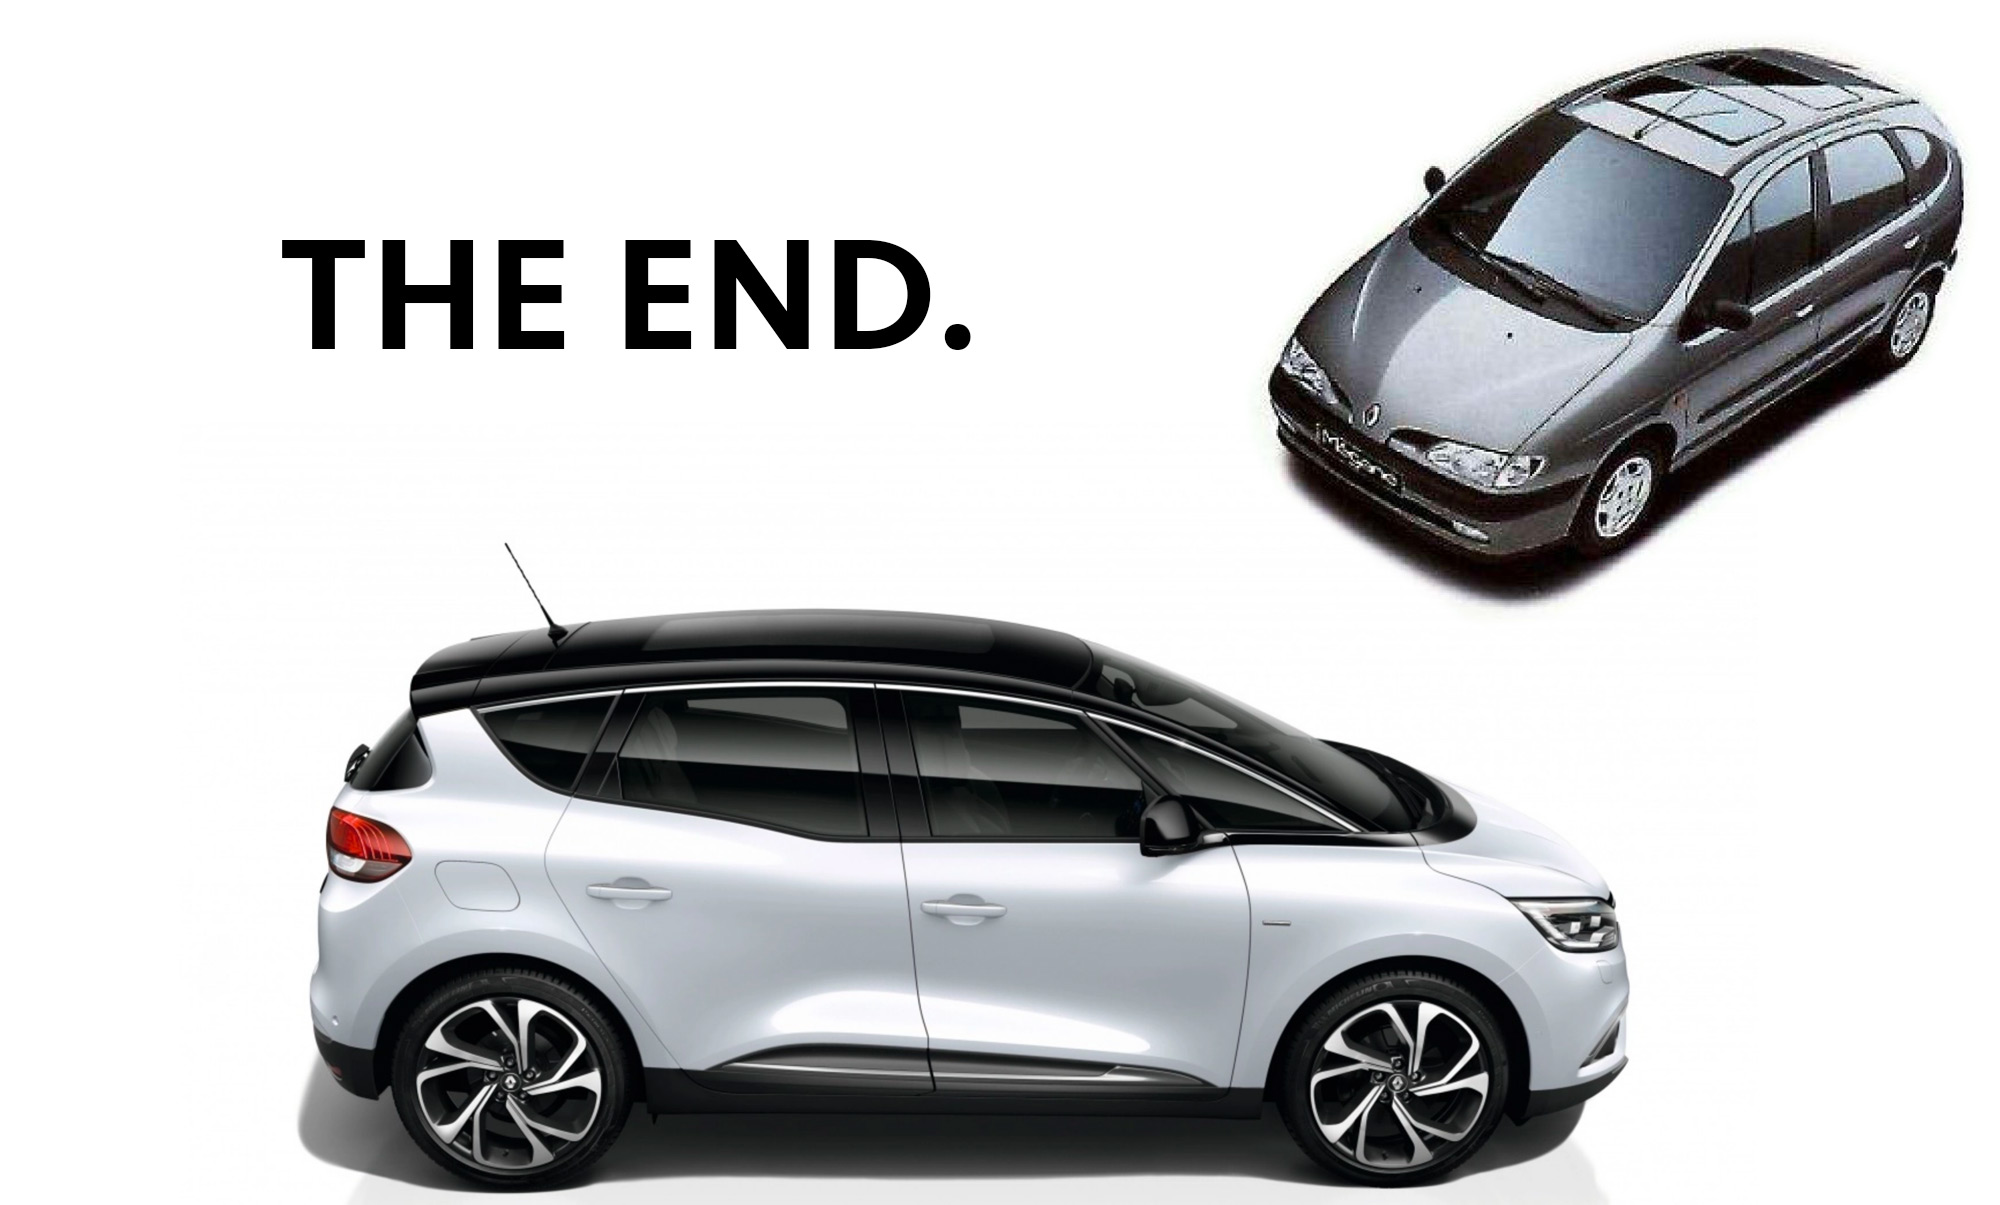 Renault Scenic arrêt de commercialisation